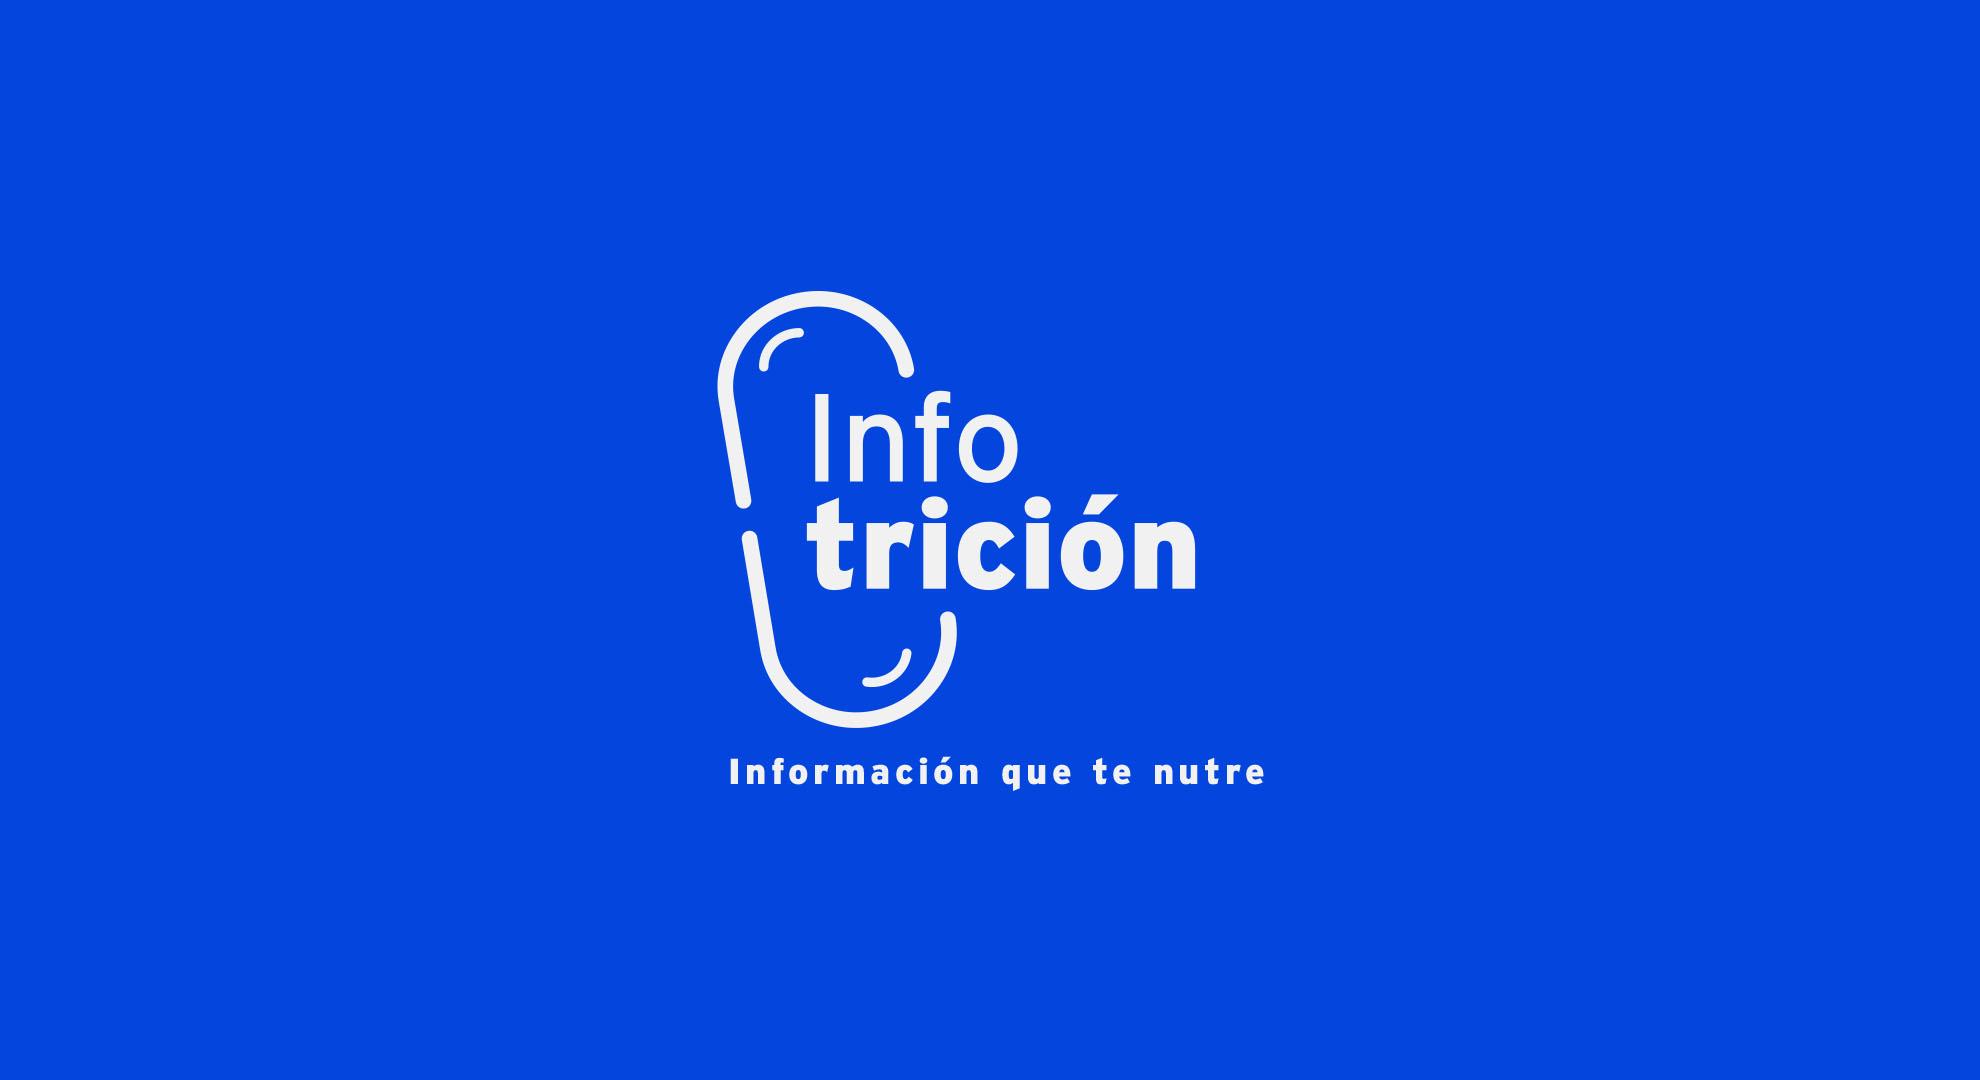 Infotrición: la extensión de navegador para sortear la desinformación en redes